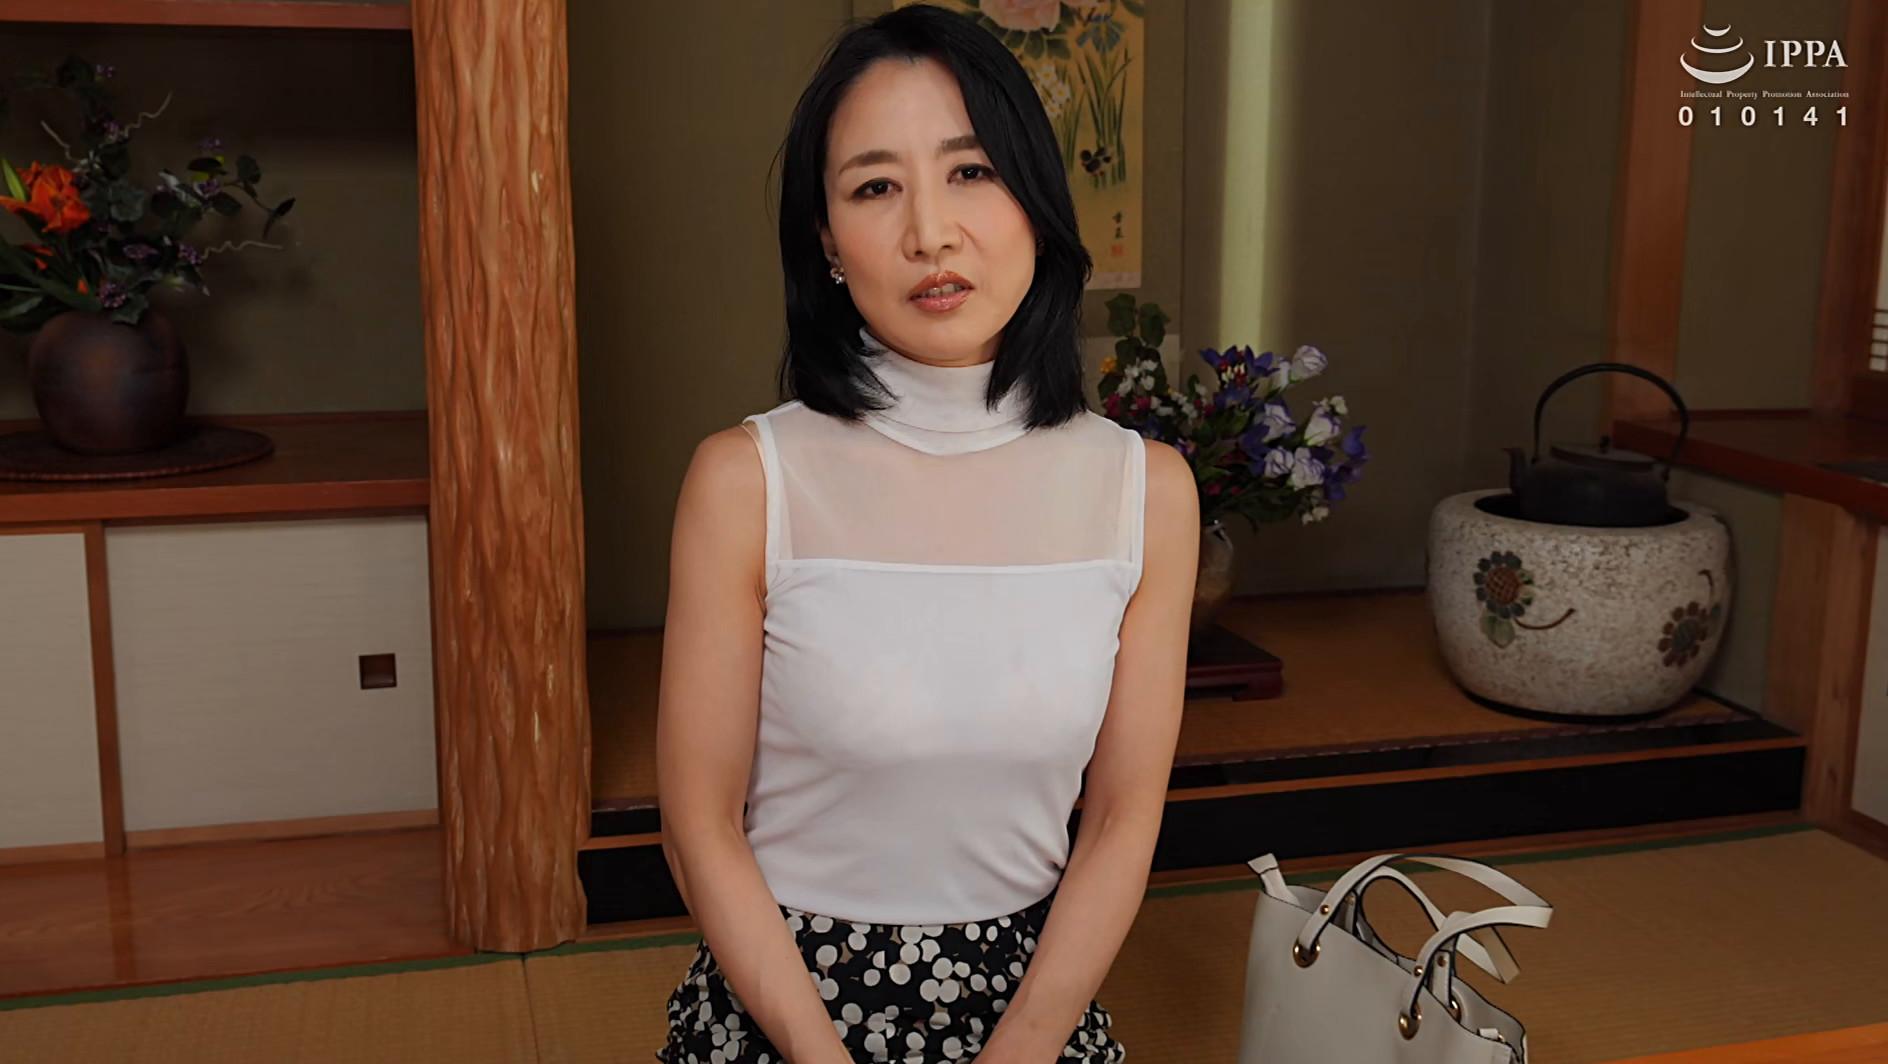 初撮り五十路妻、ふたたび。 瀬尾礼子 五十歳 画像2